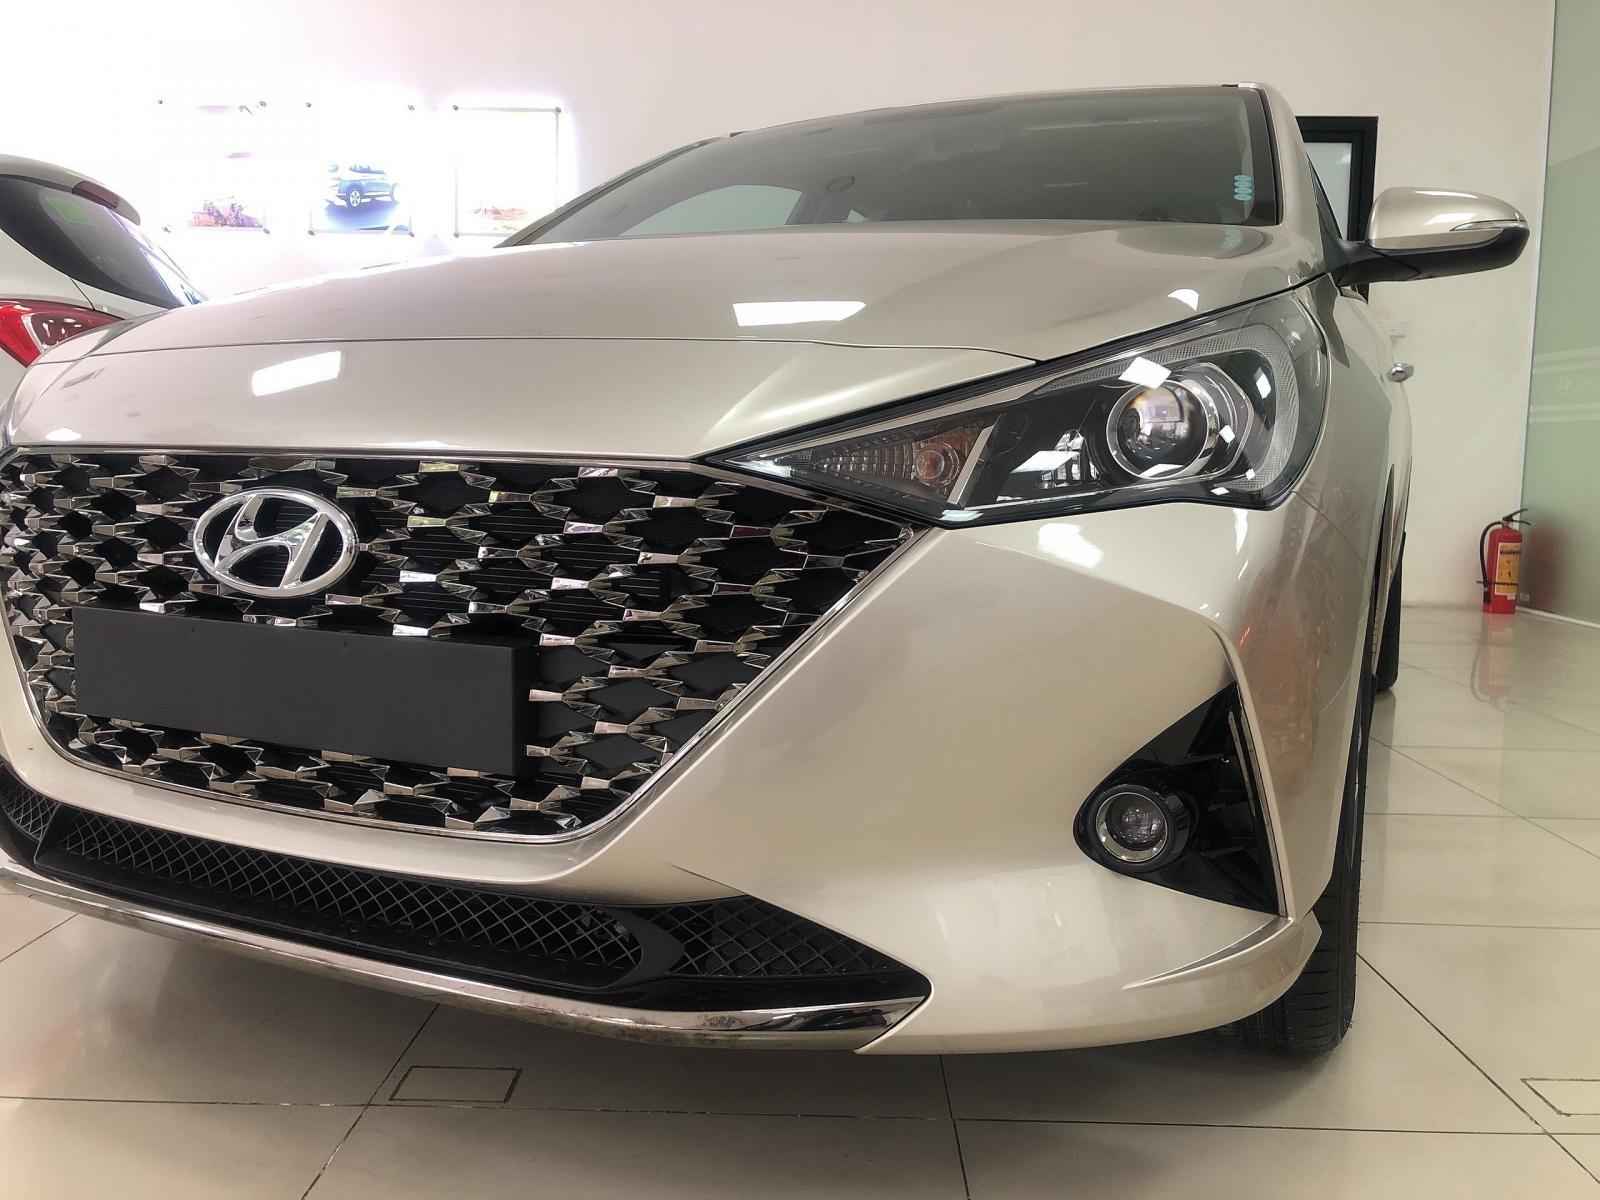 Hyundai Accent 2021 đặc biệt - đủ màu - giao ngay - giá tốt nhất.